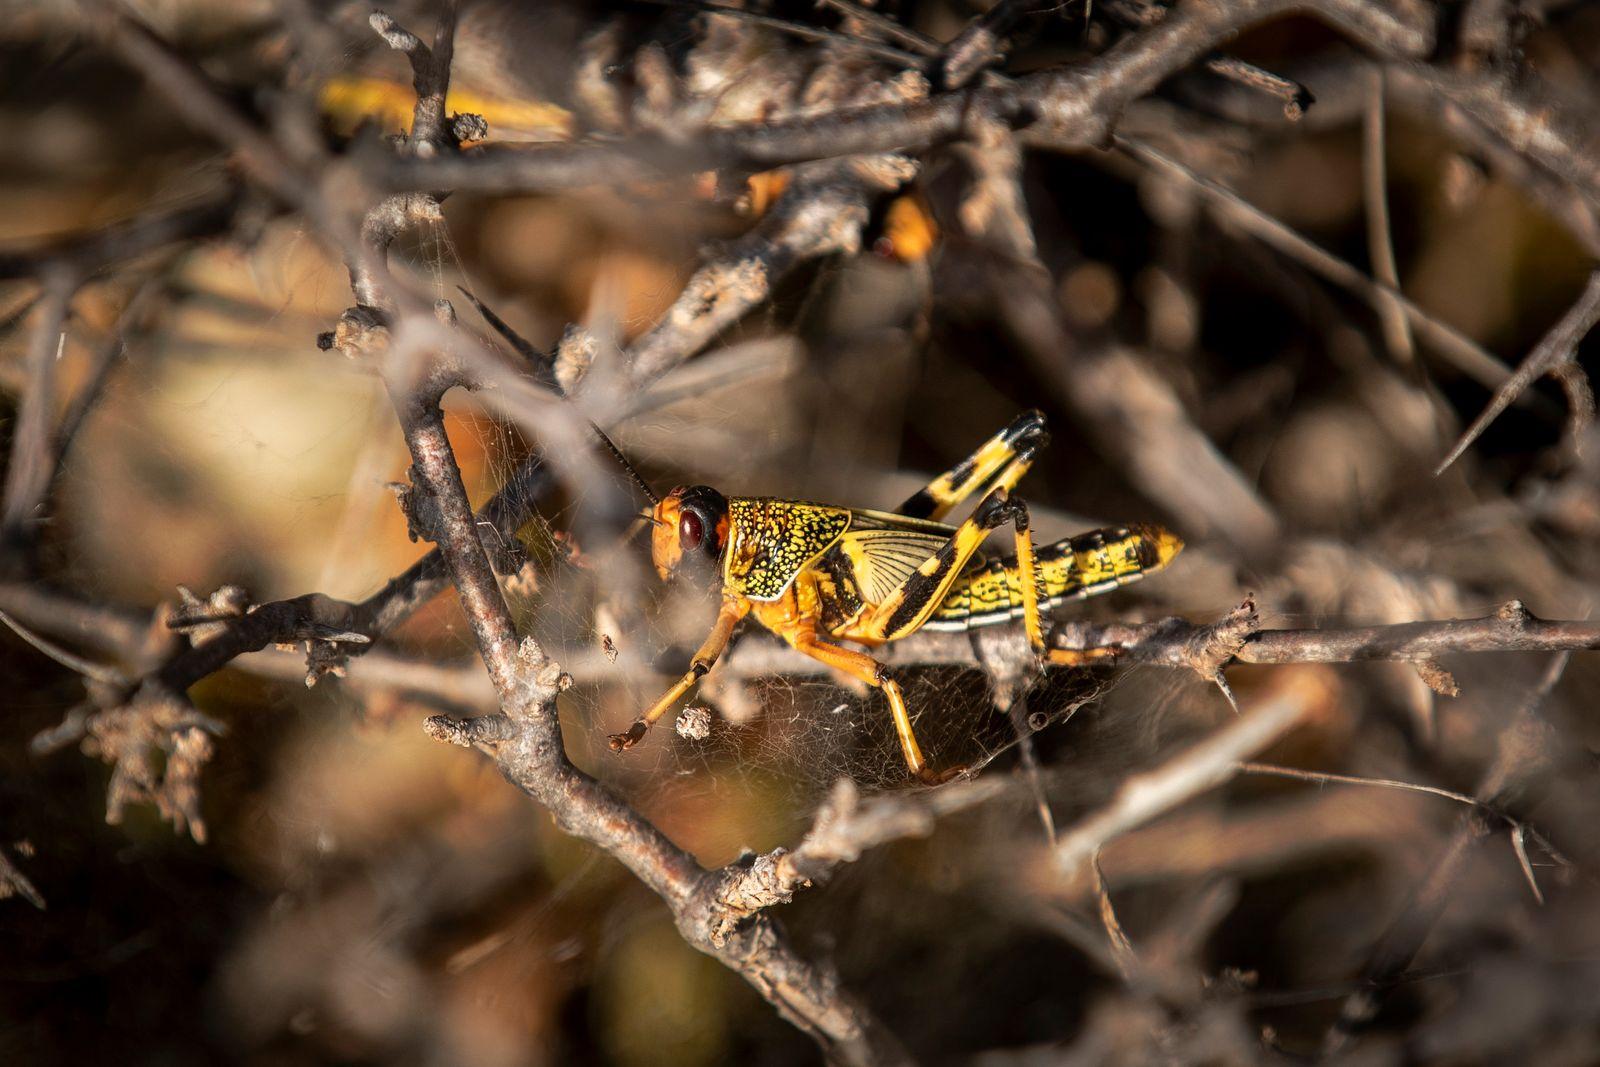 APTOPIX Somalia Africa Locust Outbreak